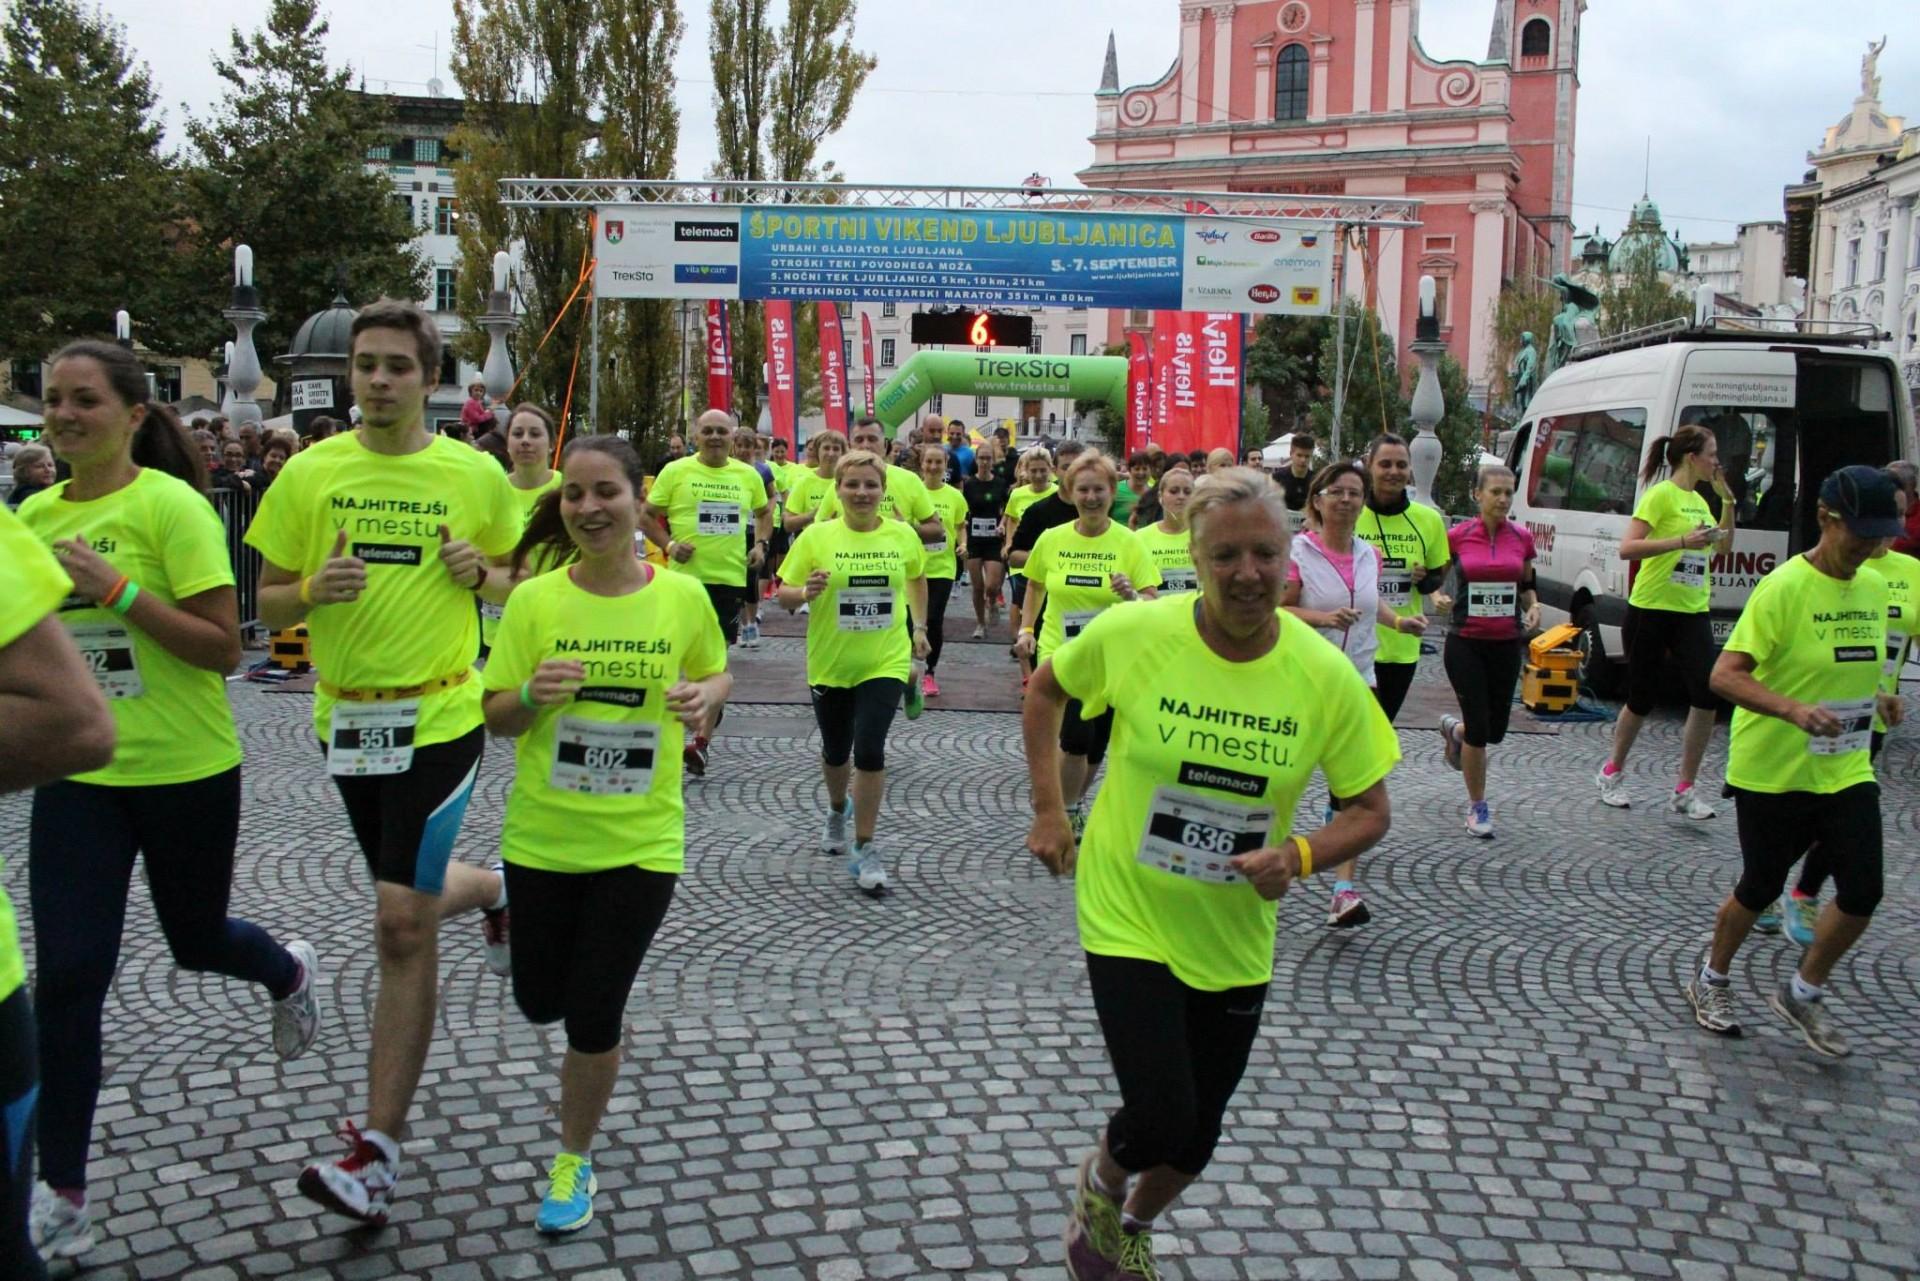 ljubljanica-2014-11